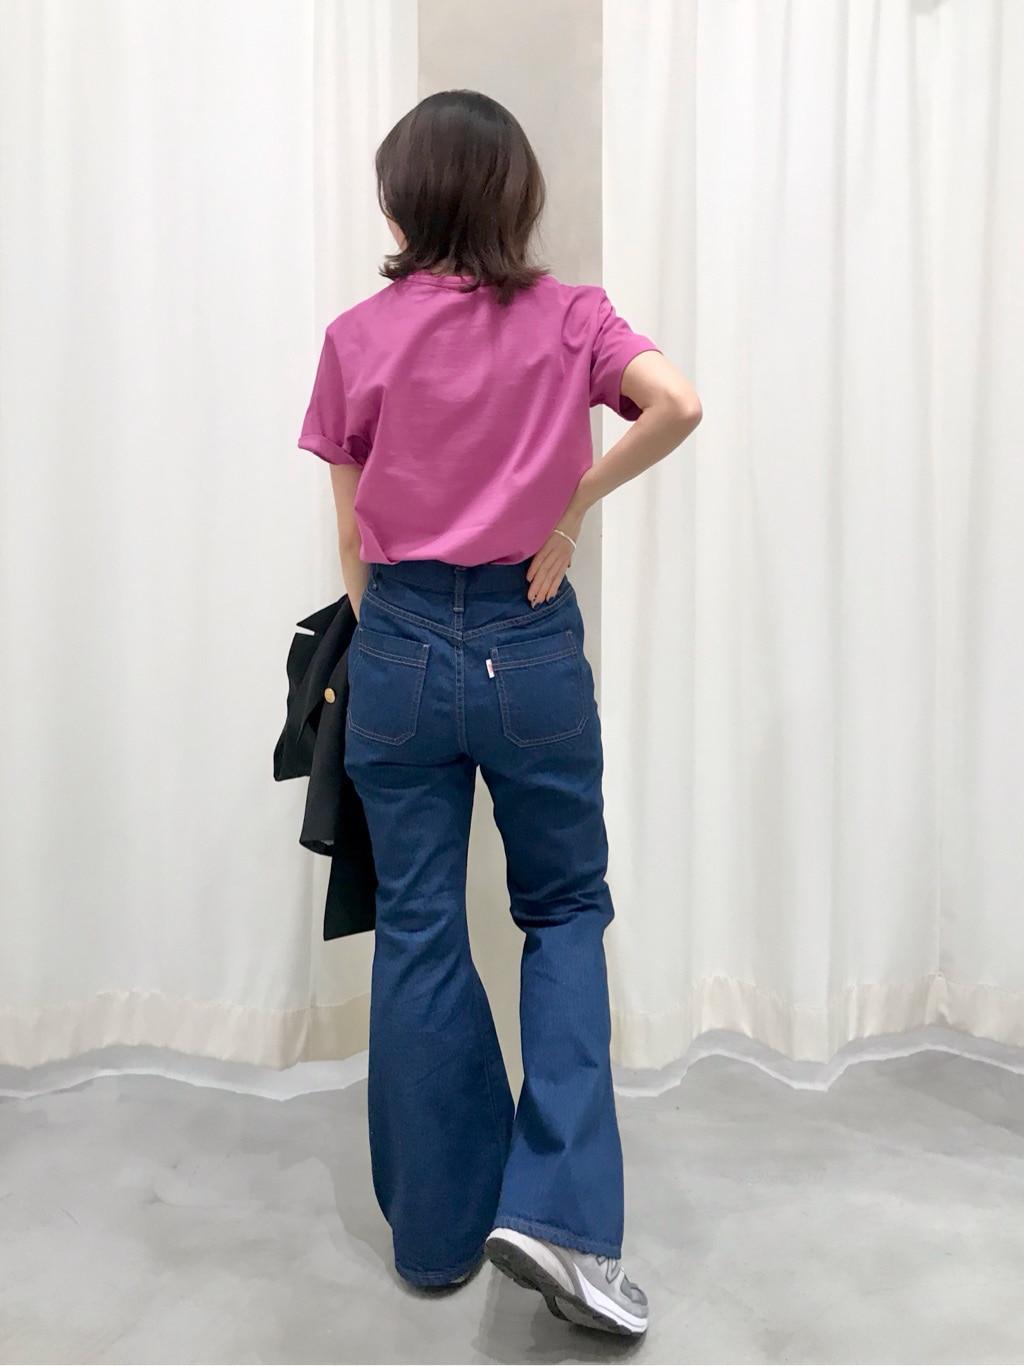 - PAR ICI CHILD WOMAN , PAR ICI ルミネ池袋 身長:154cm 2021.04.17